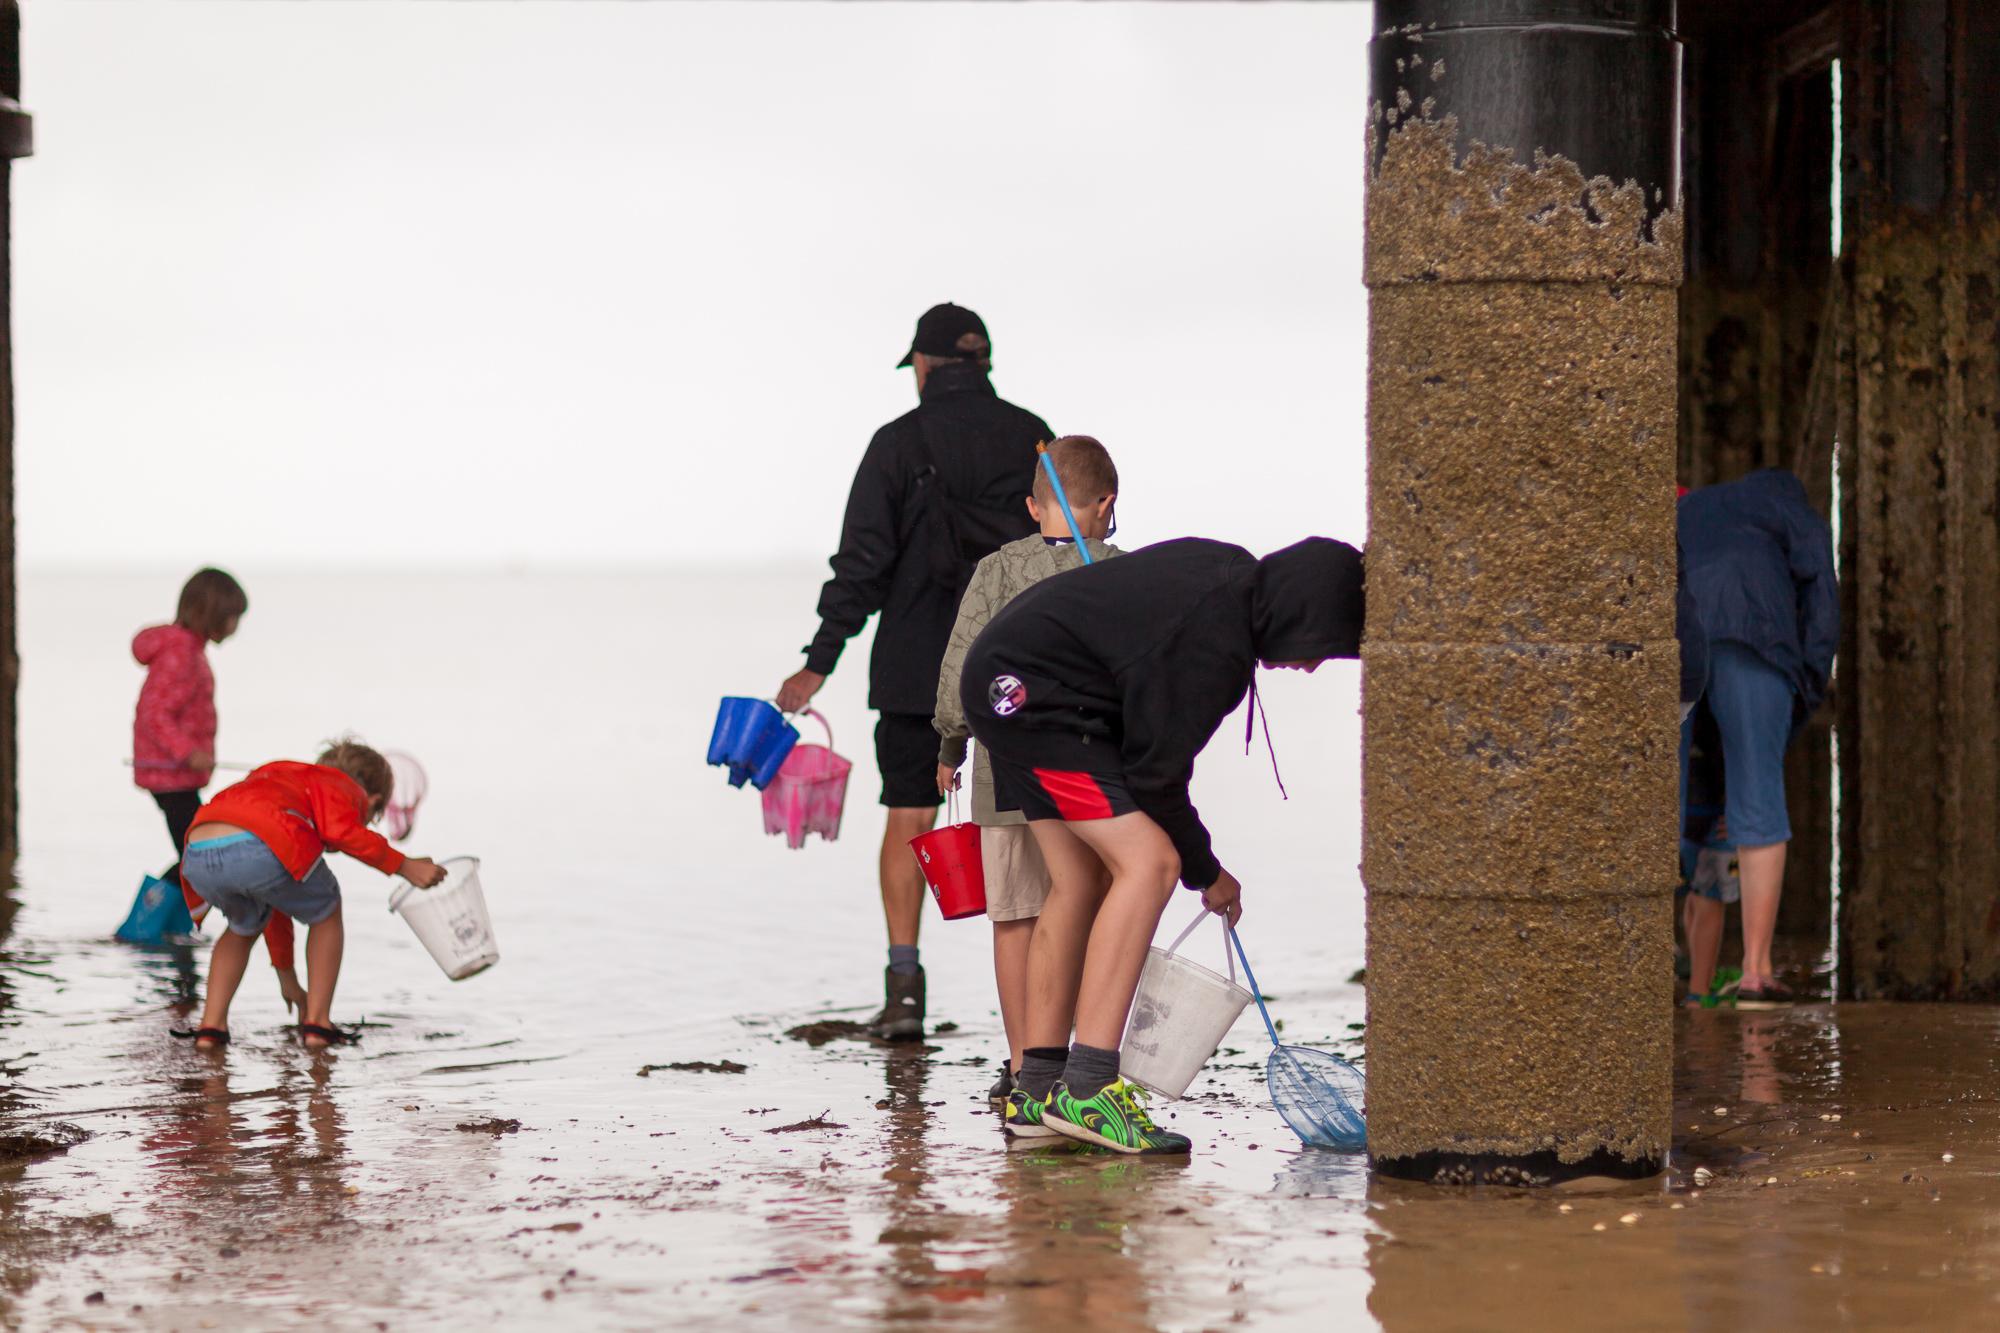 Under The Pier 2016 Image Julian Winslow (3).jpg